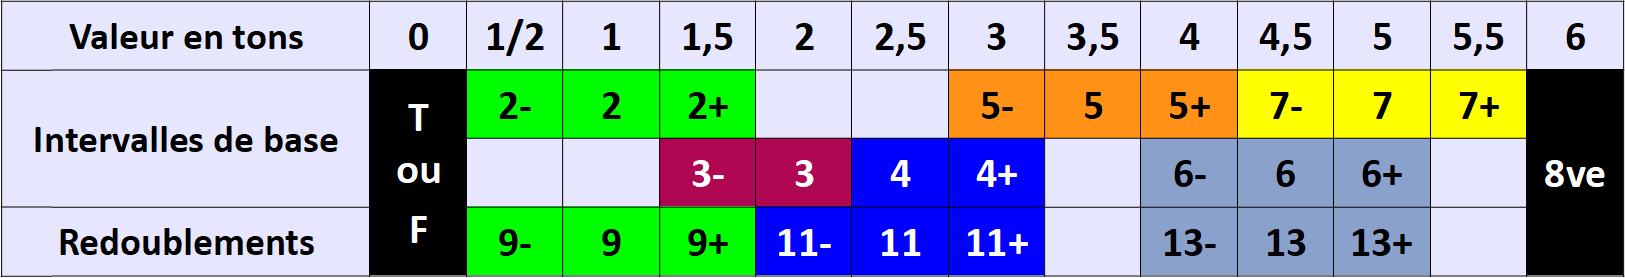 Tableau avancé des couleurs des intervalles (couleurs relatives)